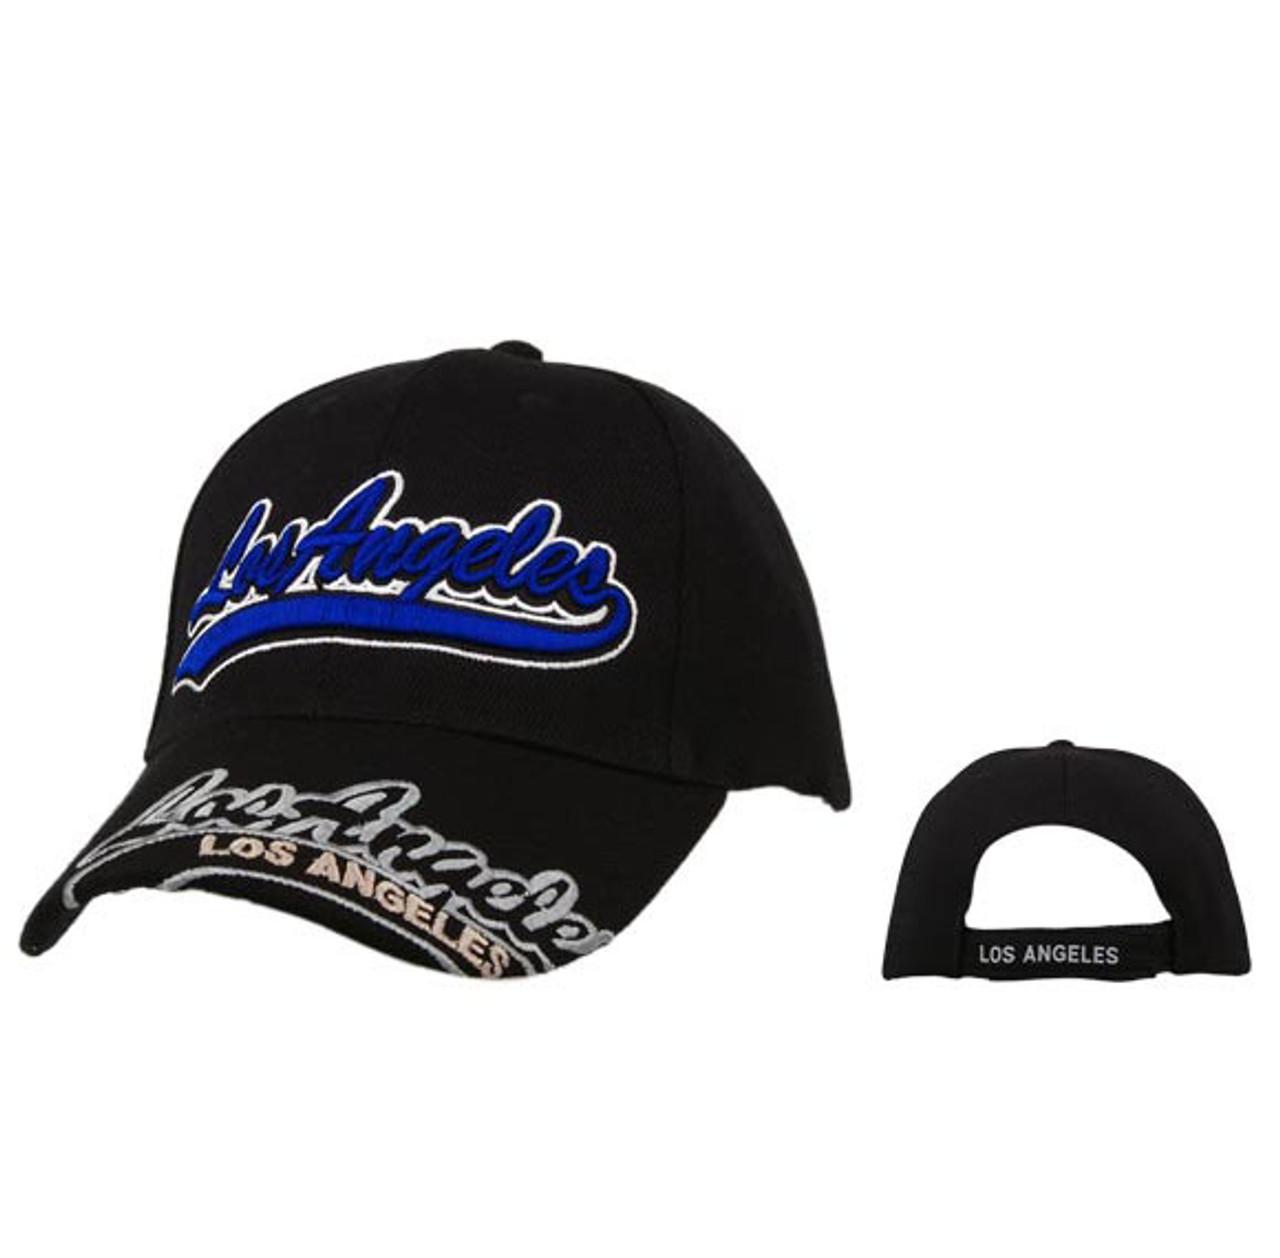 Los Angeles Wholesale Baseball Caps-Black